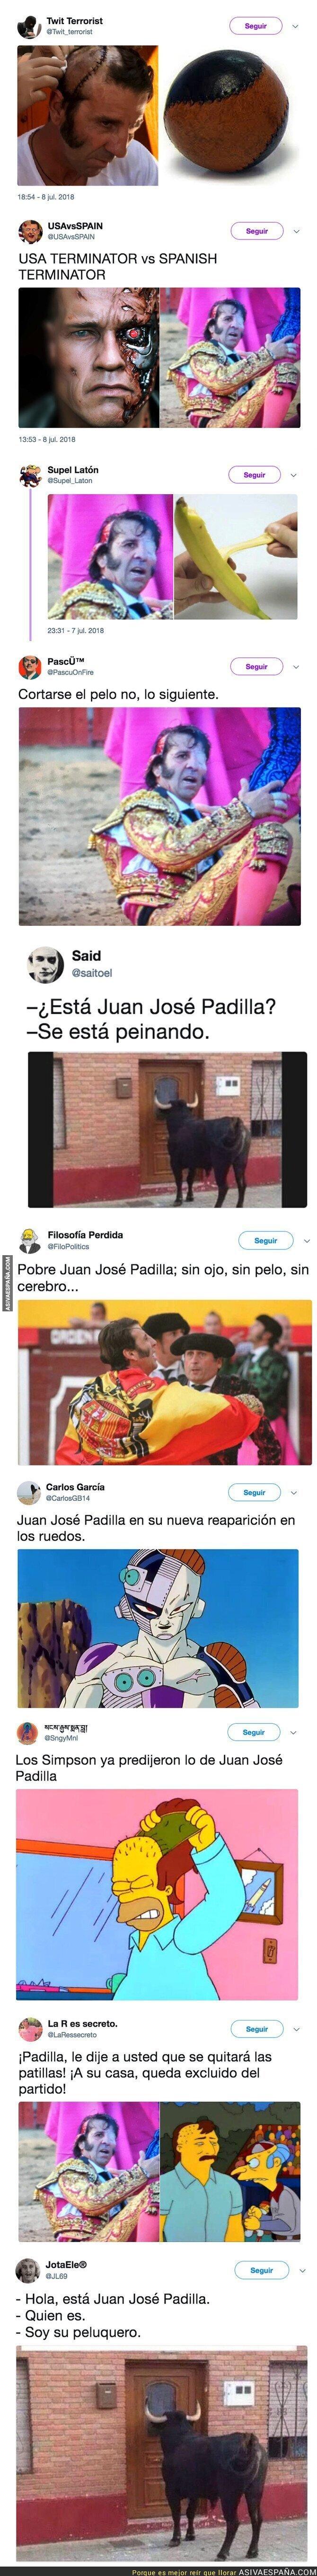 89379 - Cachondeo absoluto con Juan José Padilla tras ser arrollado por un toro y arrancarle el cuero cabelludo